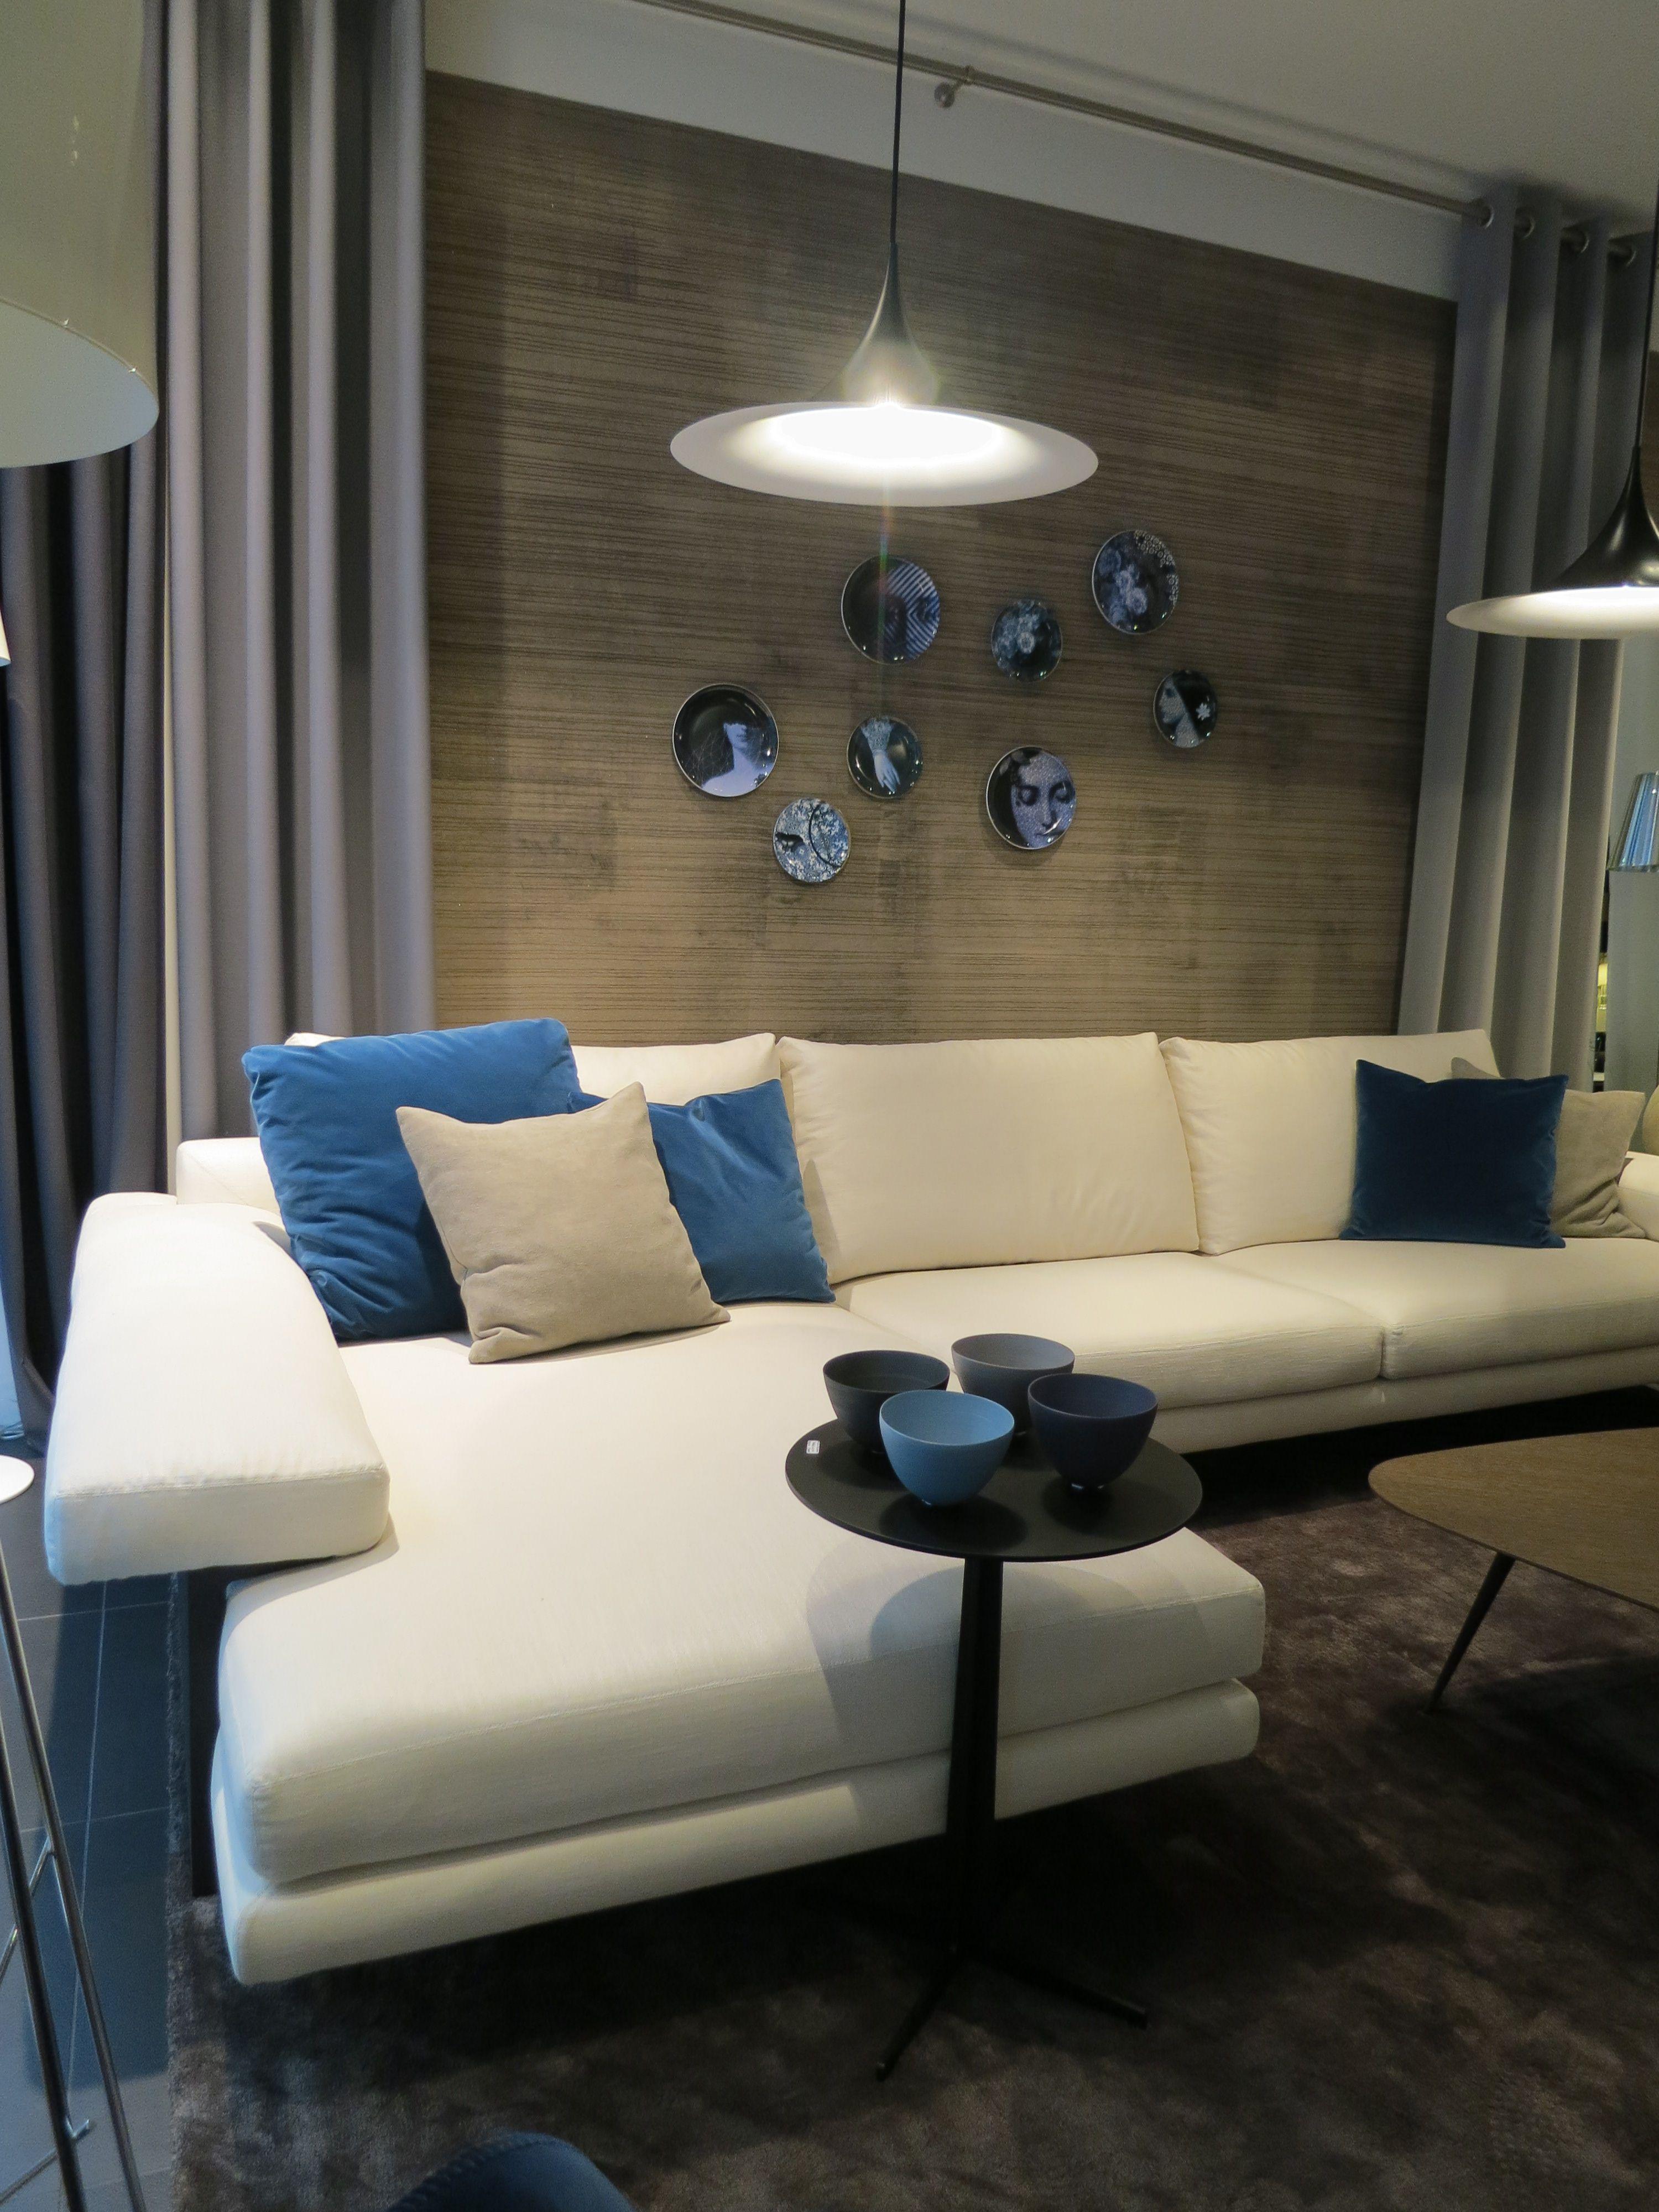 claude cartier d coration mobilier contemporain lyon arketipo ego l 39 espace 33. Black Bedroom Furniture Sets. Home Design Ideas